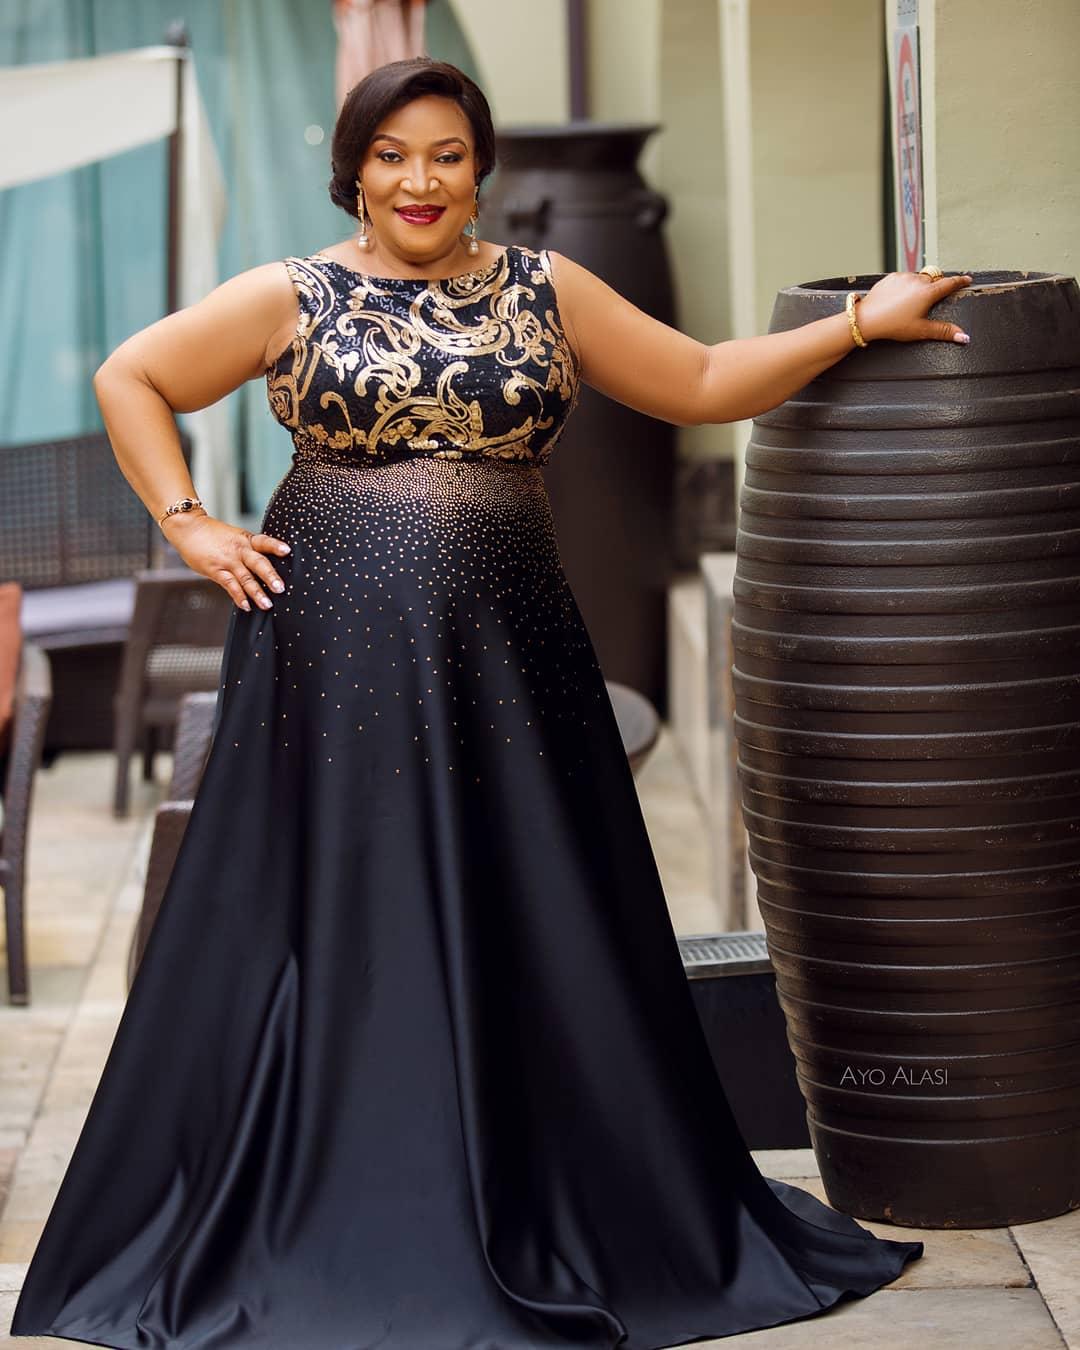 Ngozi Nwosu shares